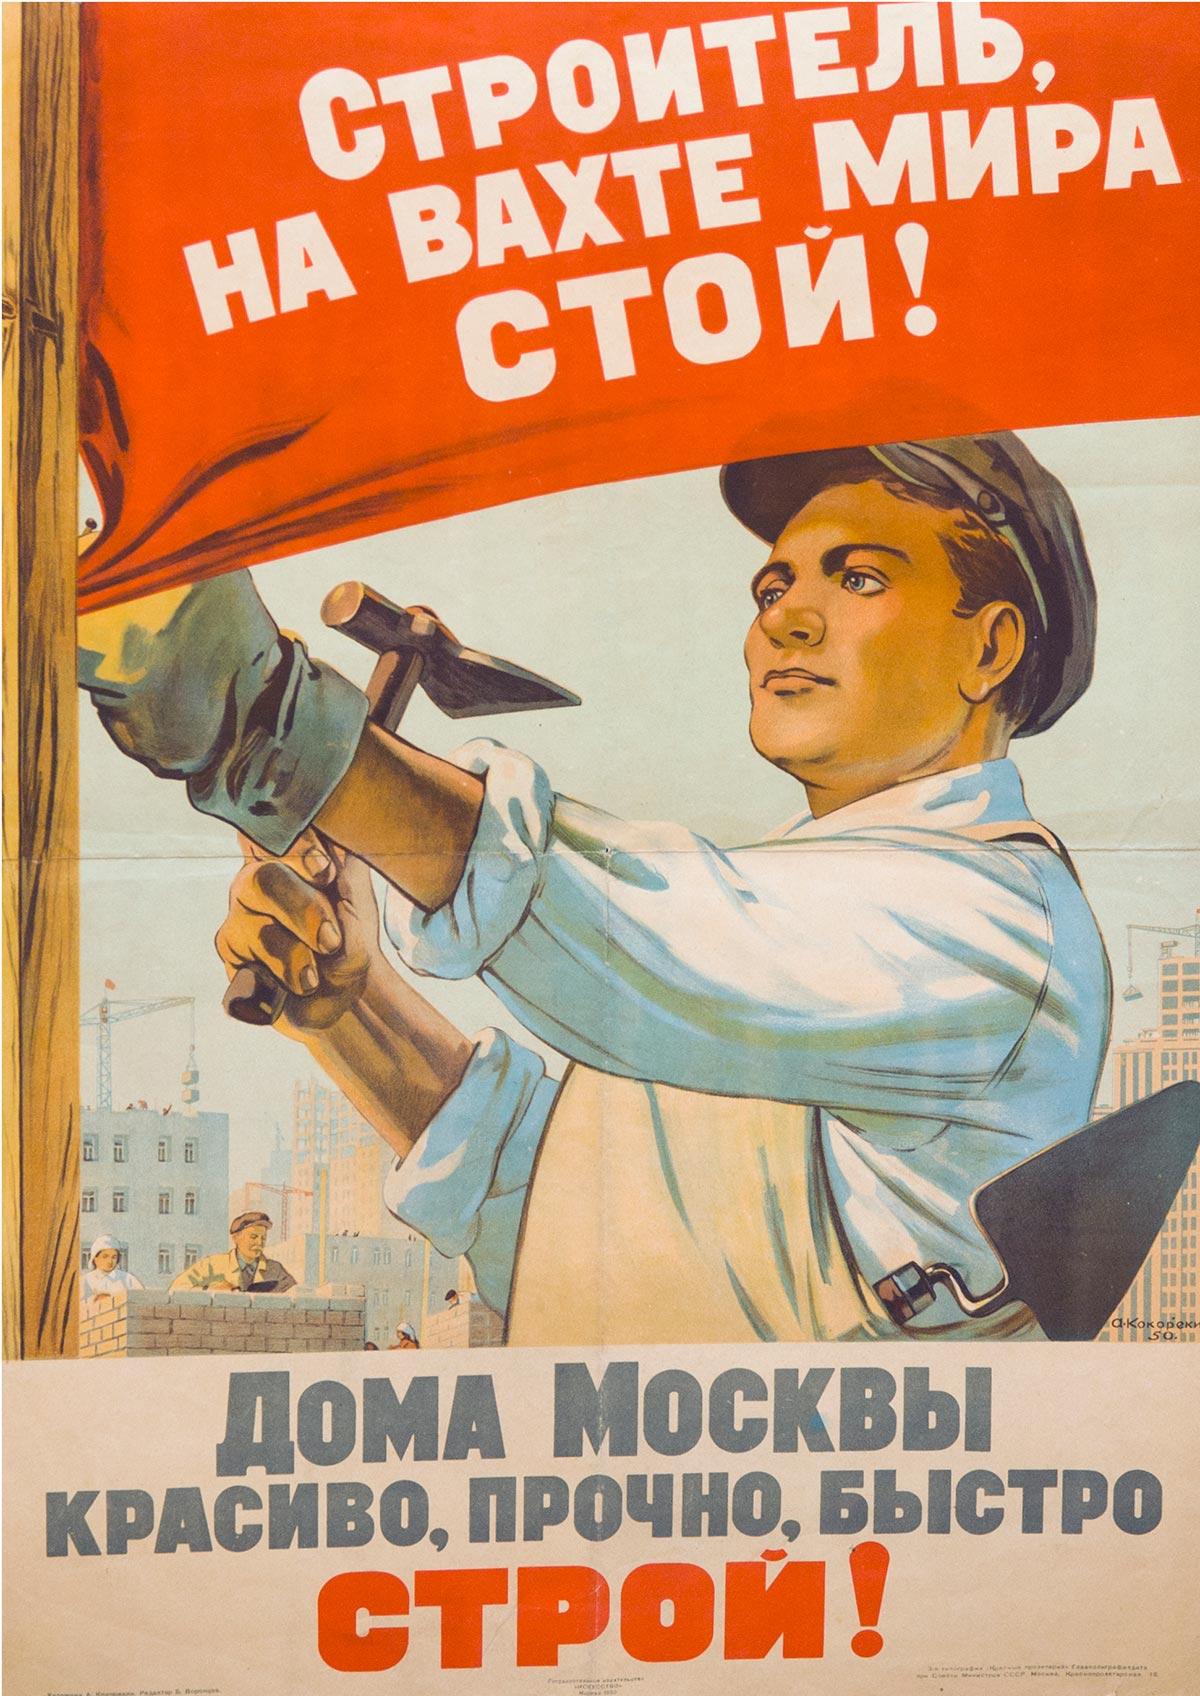 Строитель, на вахте мира стой! Дома Москвы красиво, прочно, быстро строй!